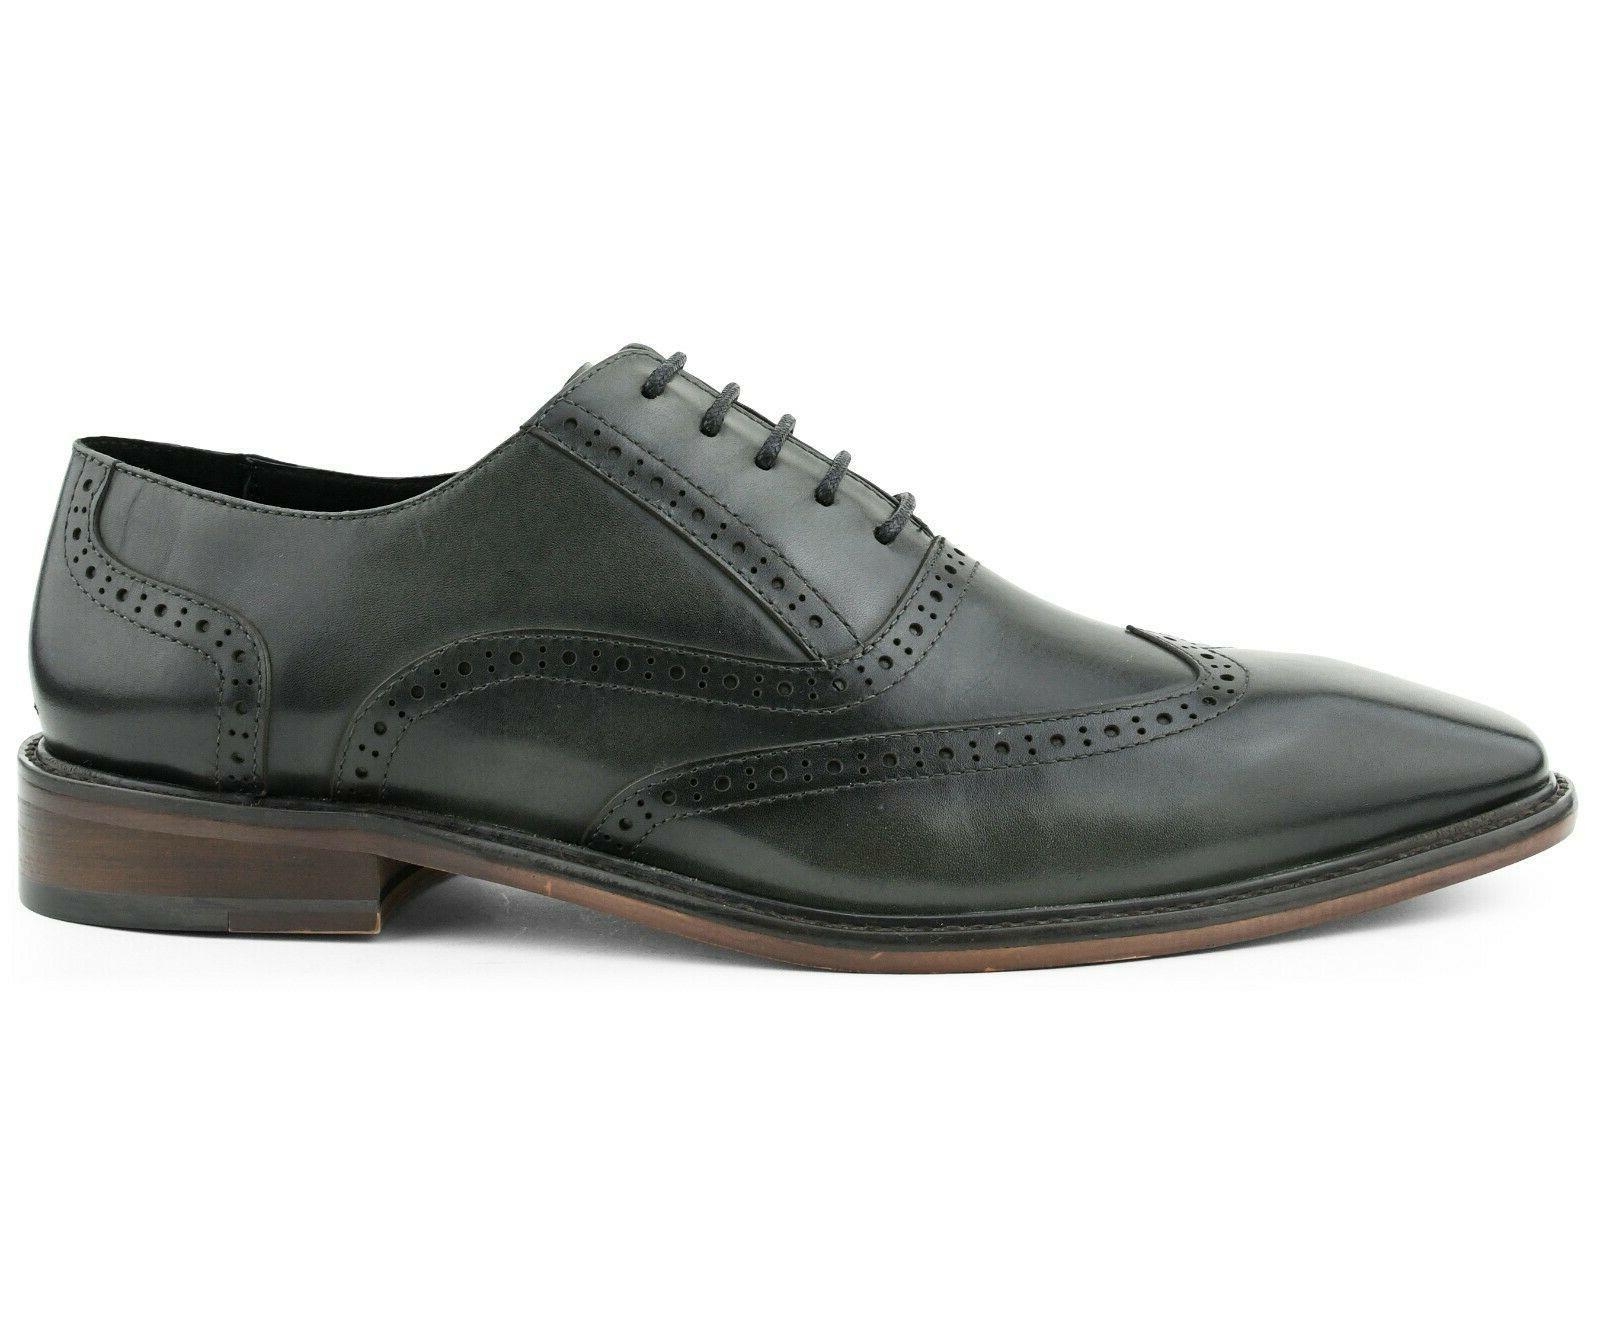 Mens Dress Wingtip Leather for Men Oxfords